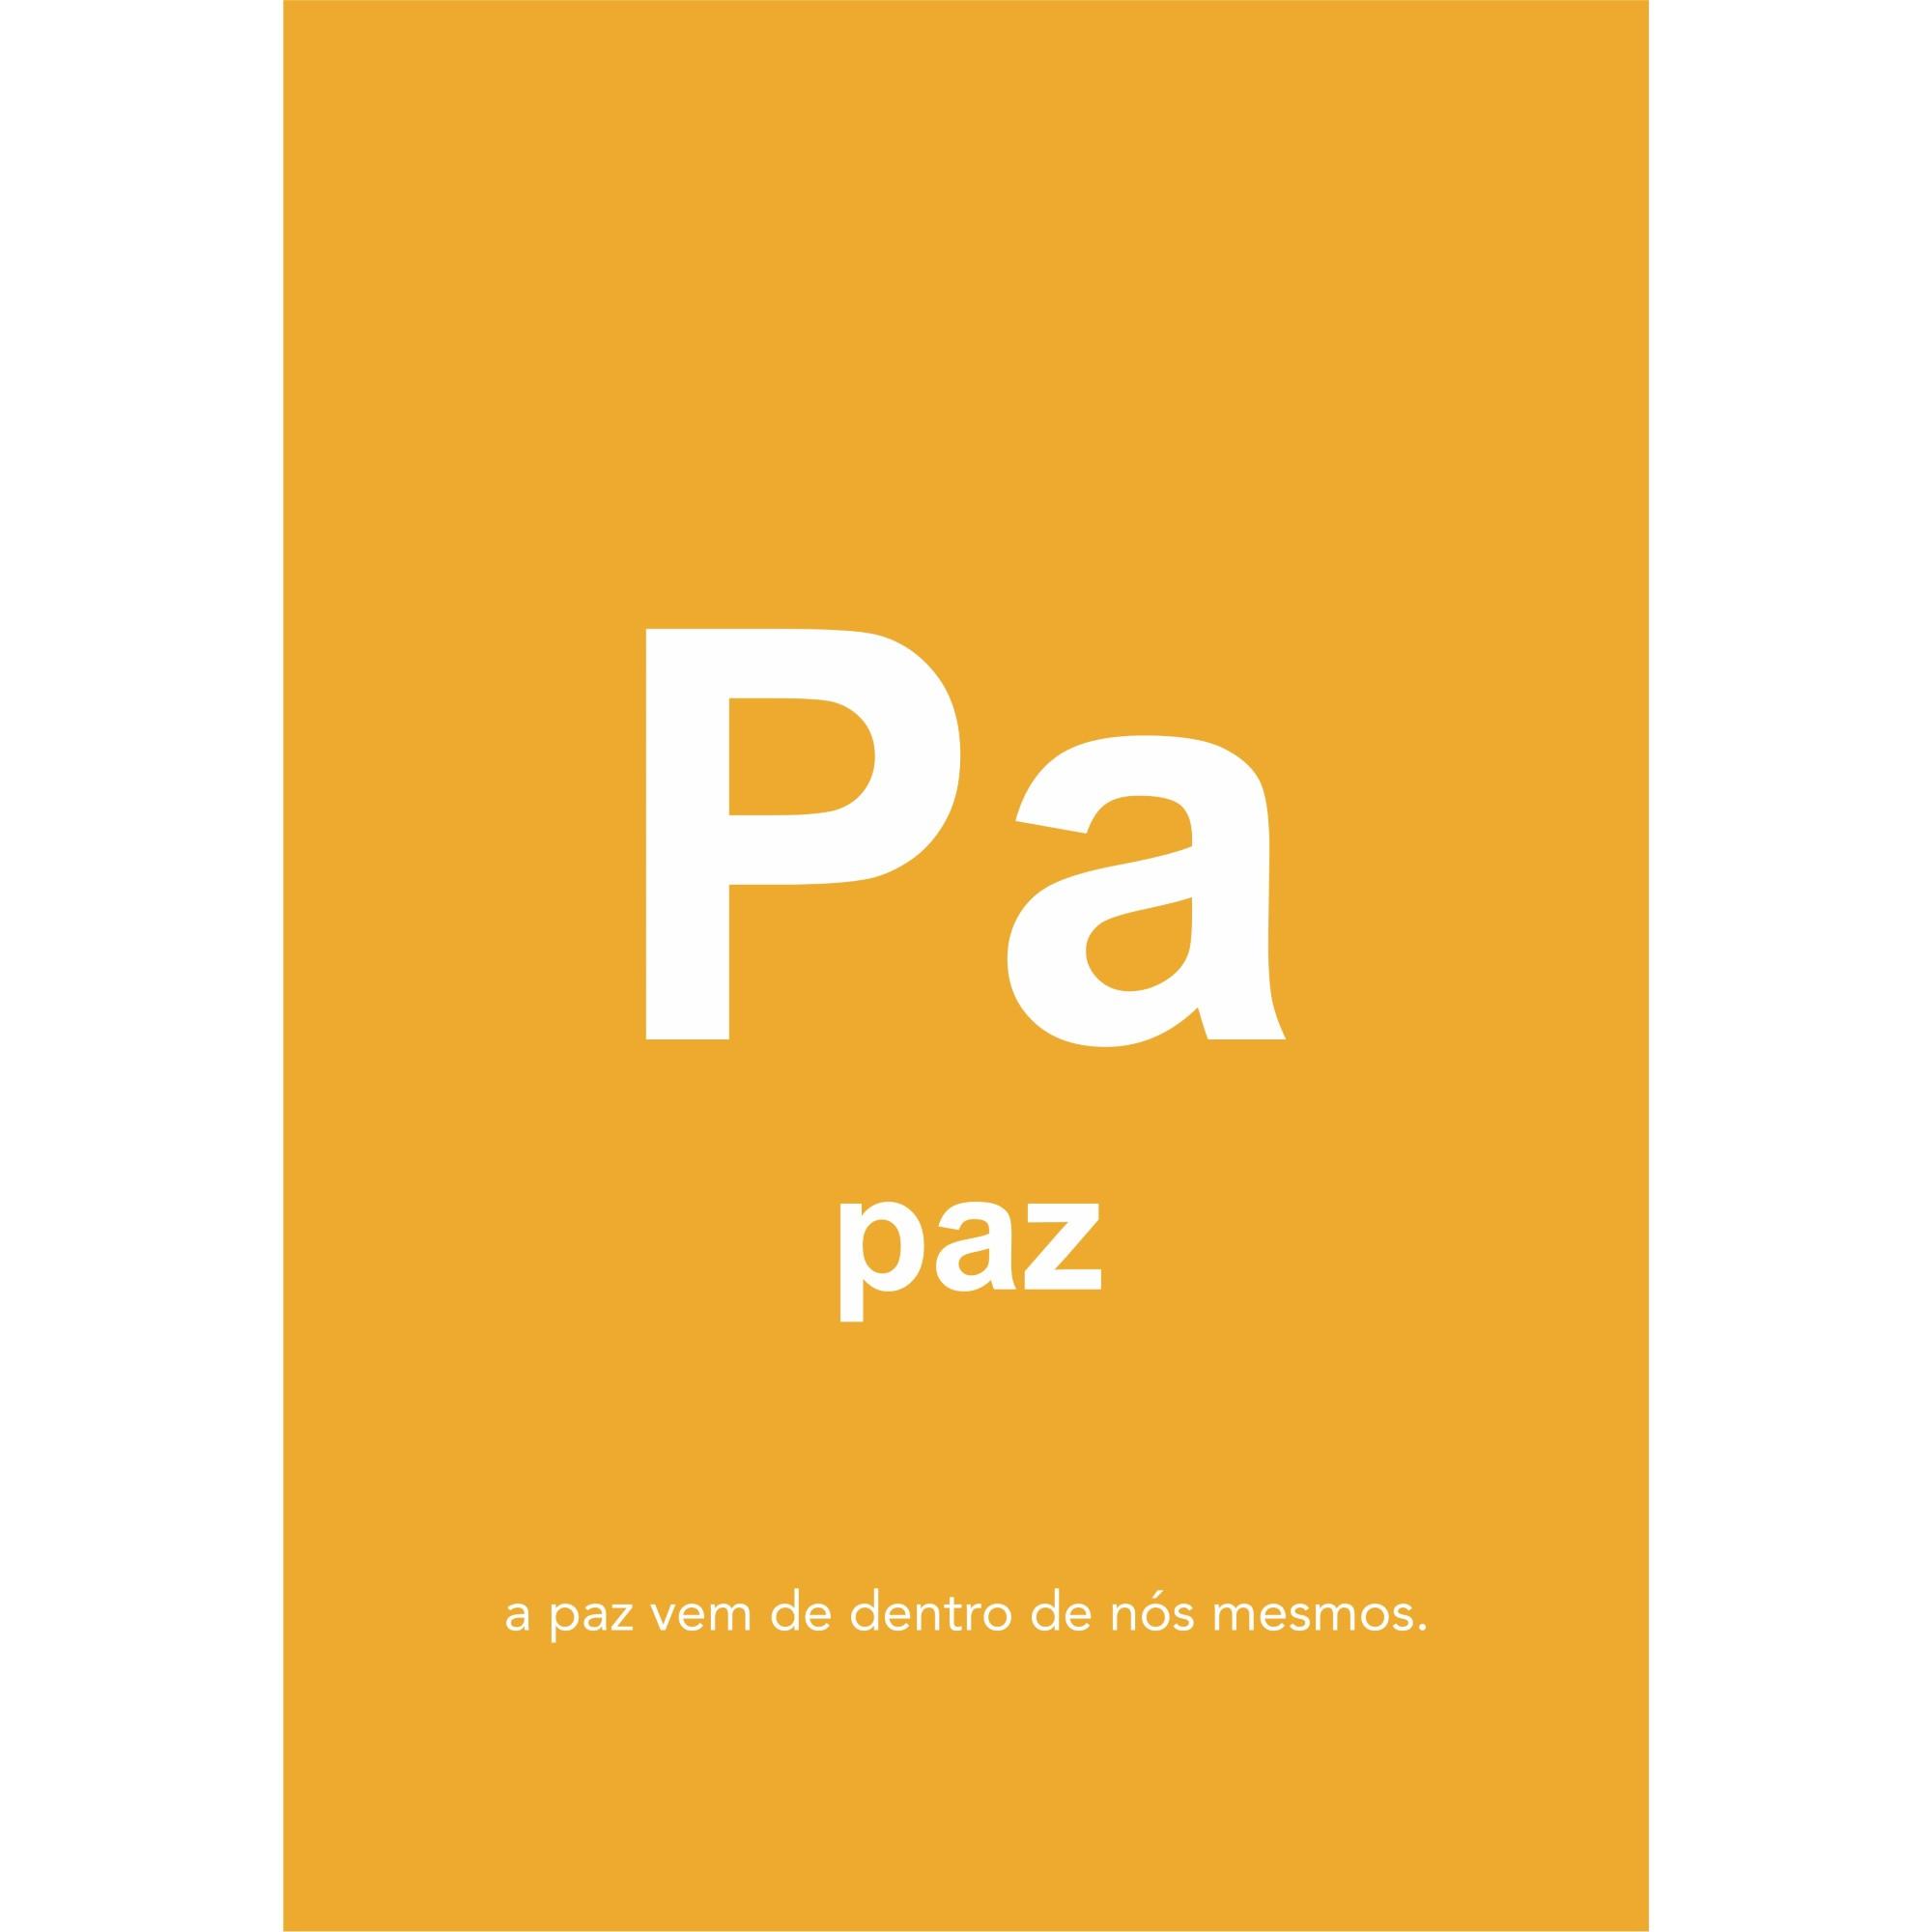 Placa Decorativa em MDF 20x30cm Paz Amarelo 69740 - Kapos